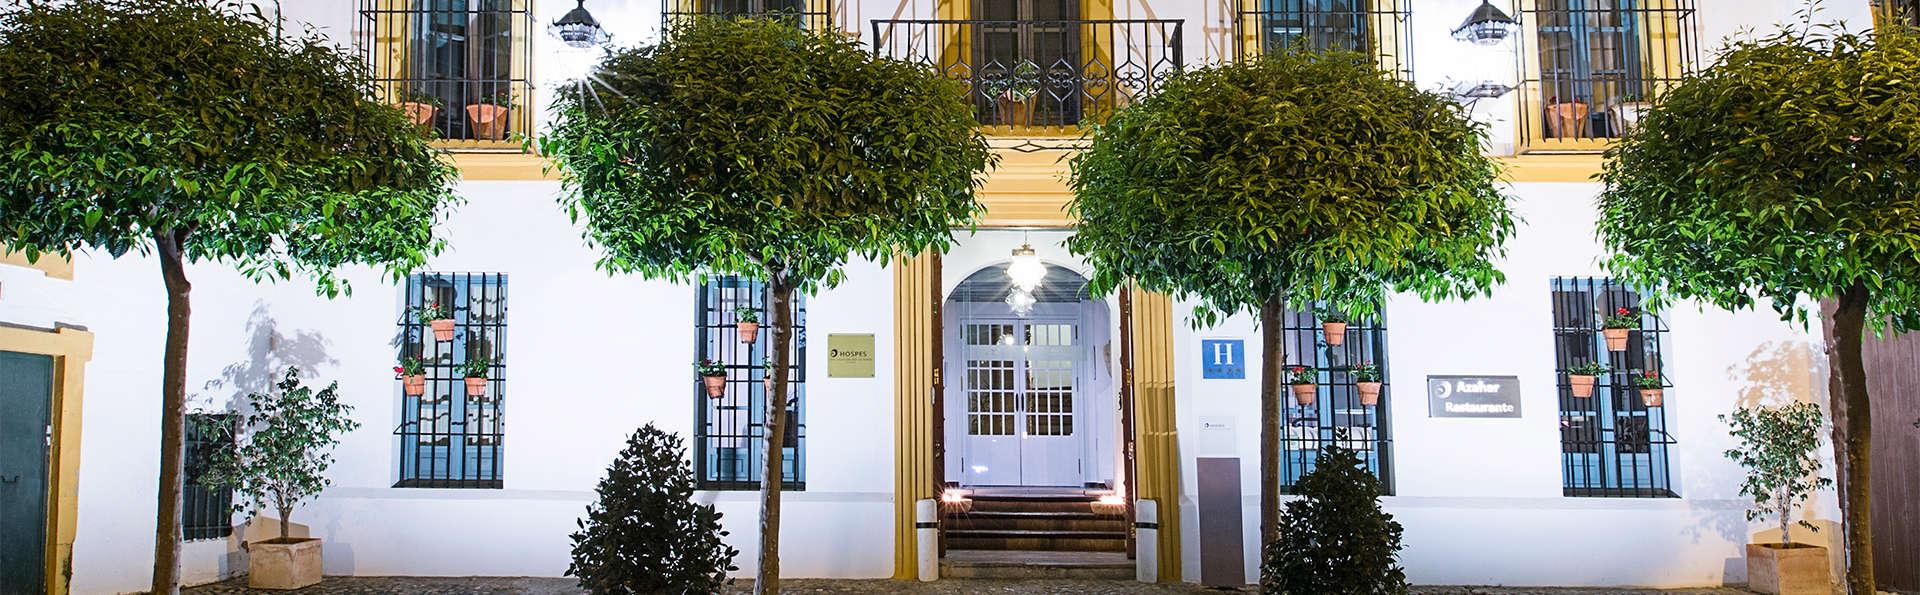 Hospes Las Casas del Rey de Baeza - EDIT_Exterior.jpg